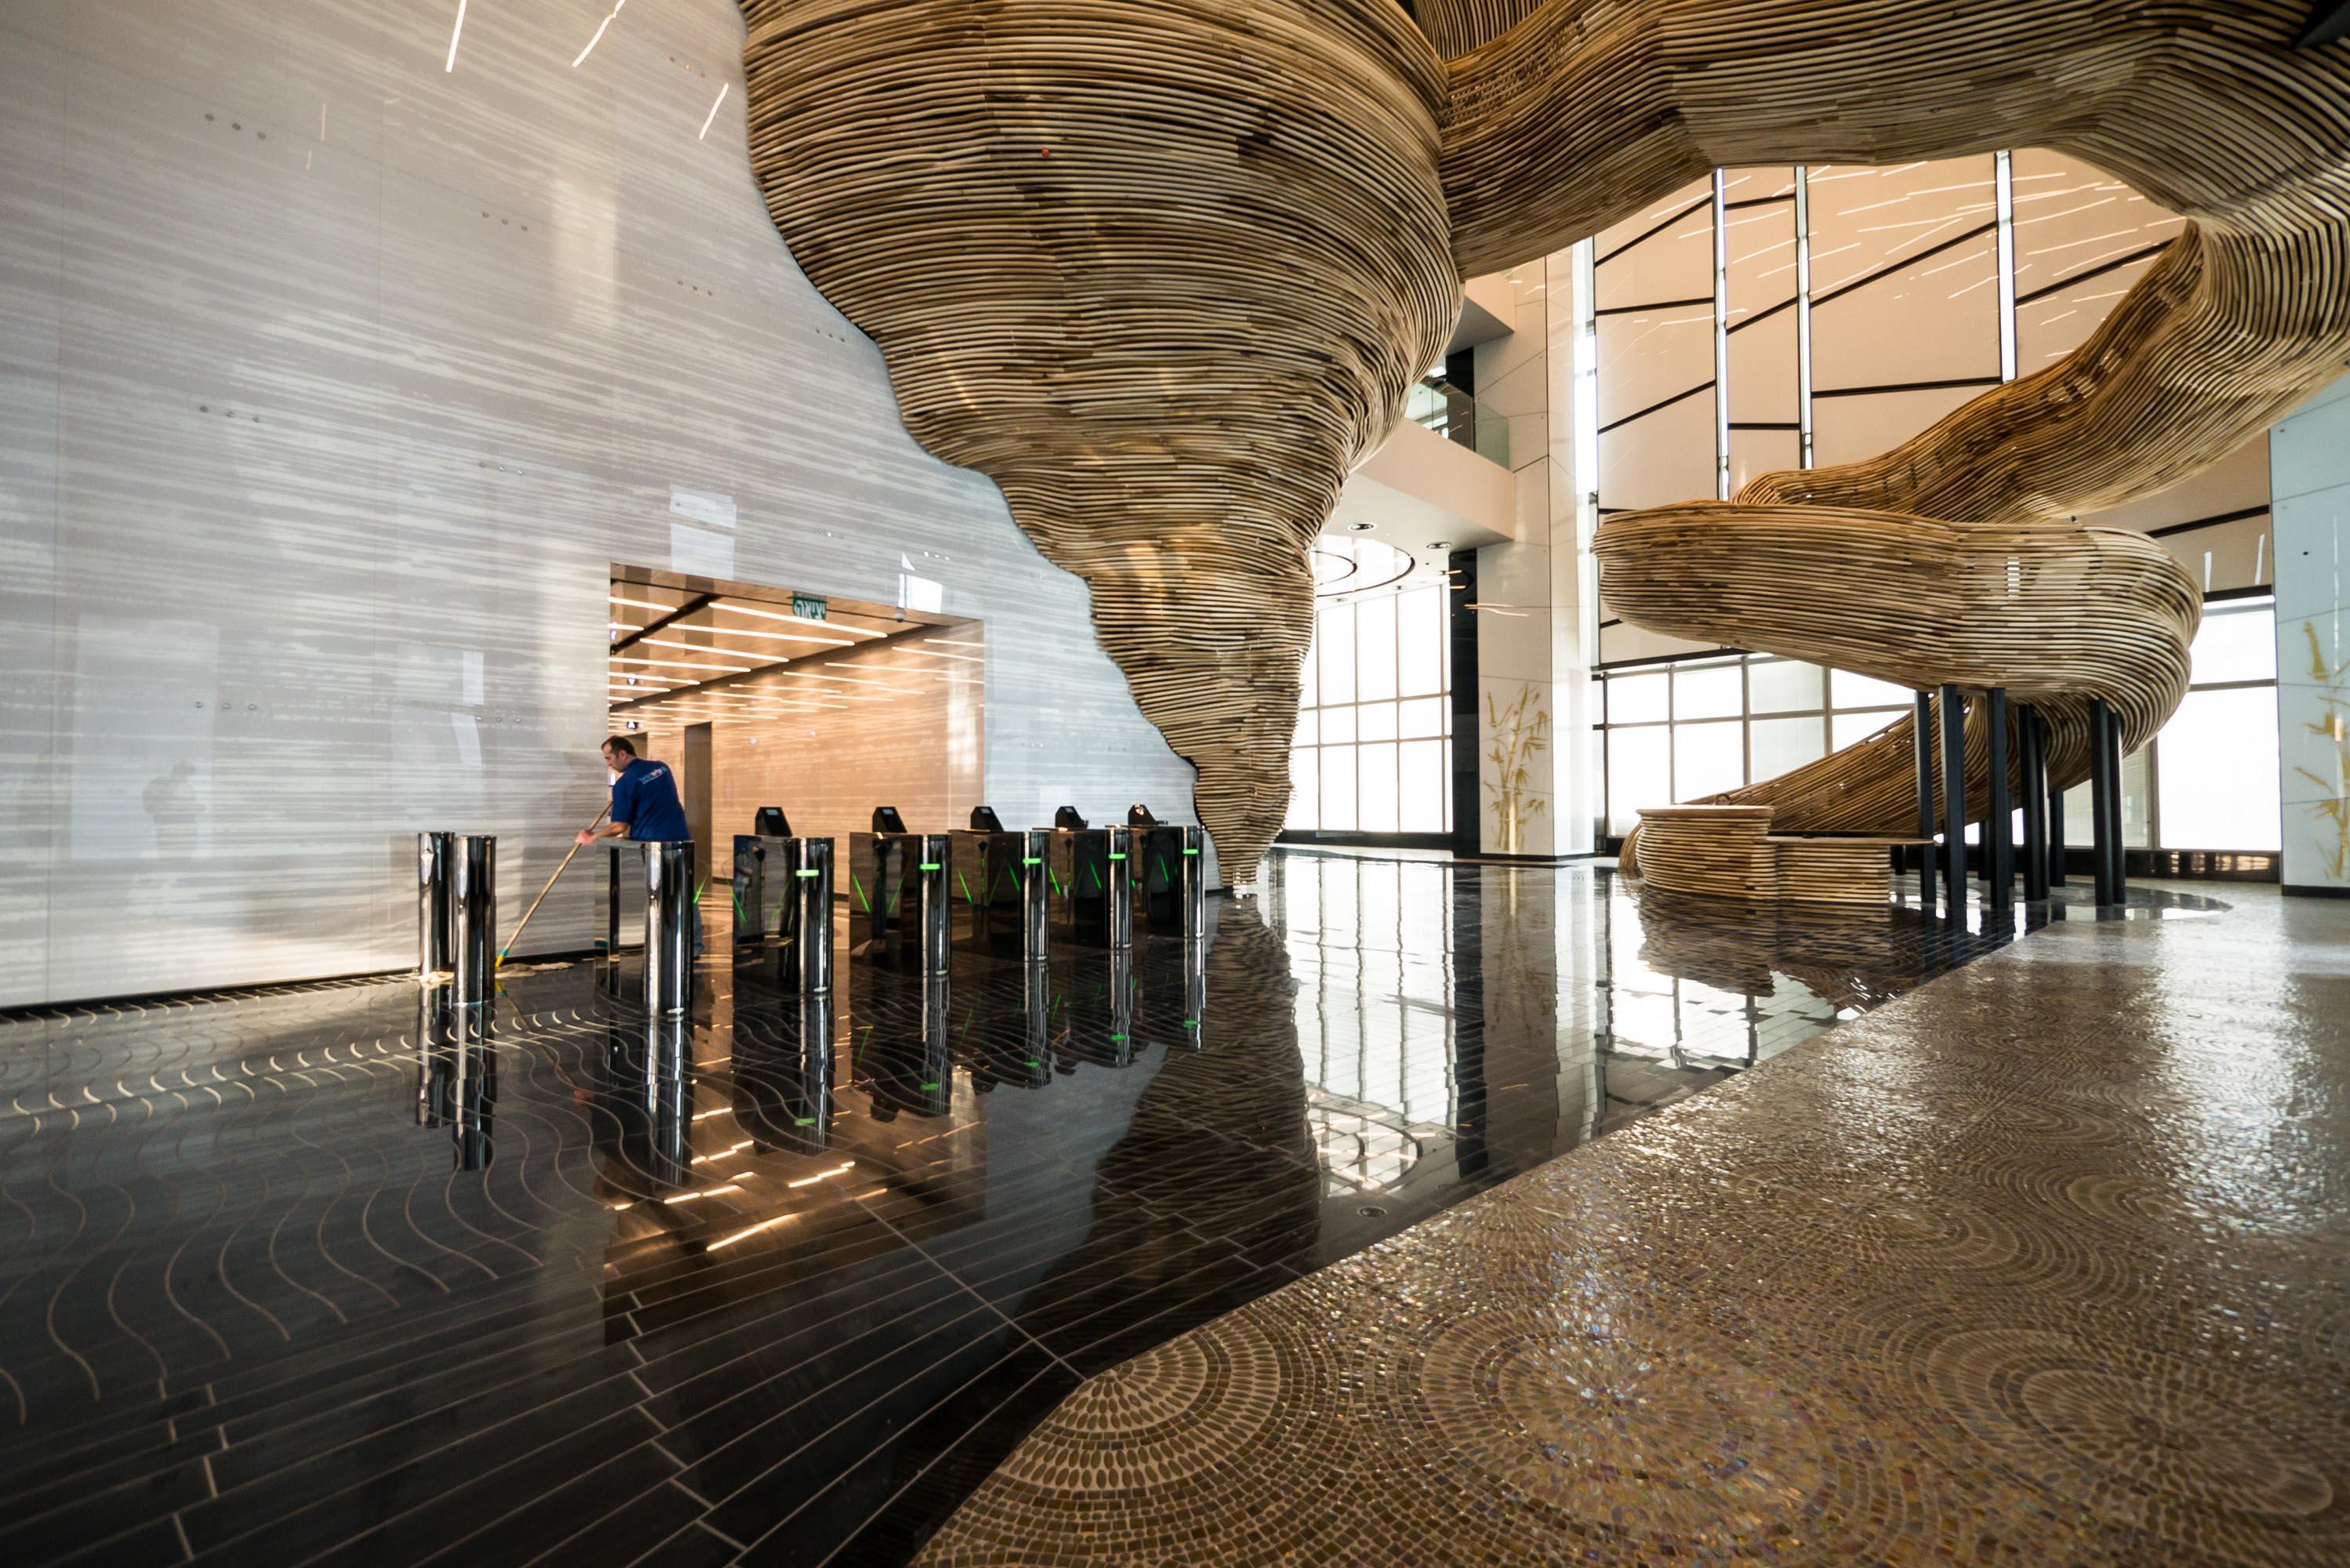 הרצפה, הקירות ווילונות המיסוך משלימים את האווירה הדרמטית. לטענת חלף, 80% מהמשרדים במגדל הושכרו תוך שלושה חודשים (צילום: איתי סיקולסקי)